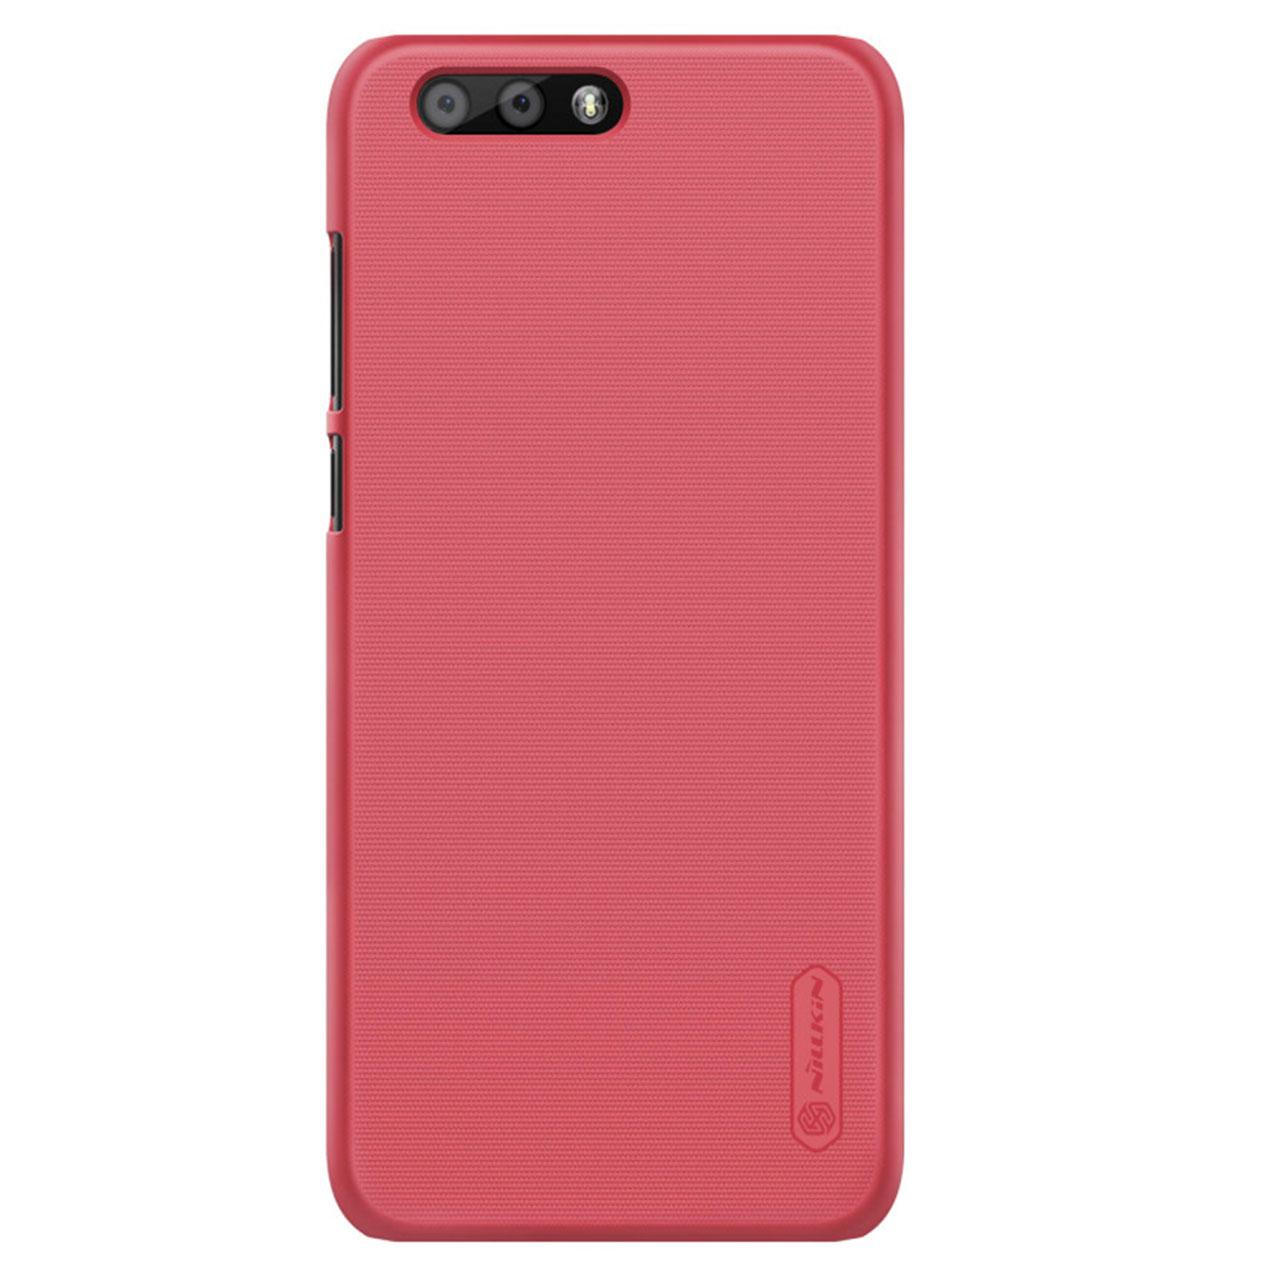 کاور نیلکین مدل Super Frosted Shield مناسب برای گوشی موبایل ایسوس ZenFone 4 ZE554KL